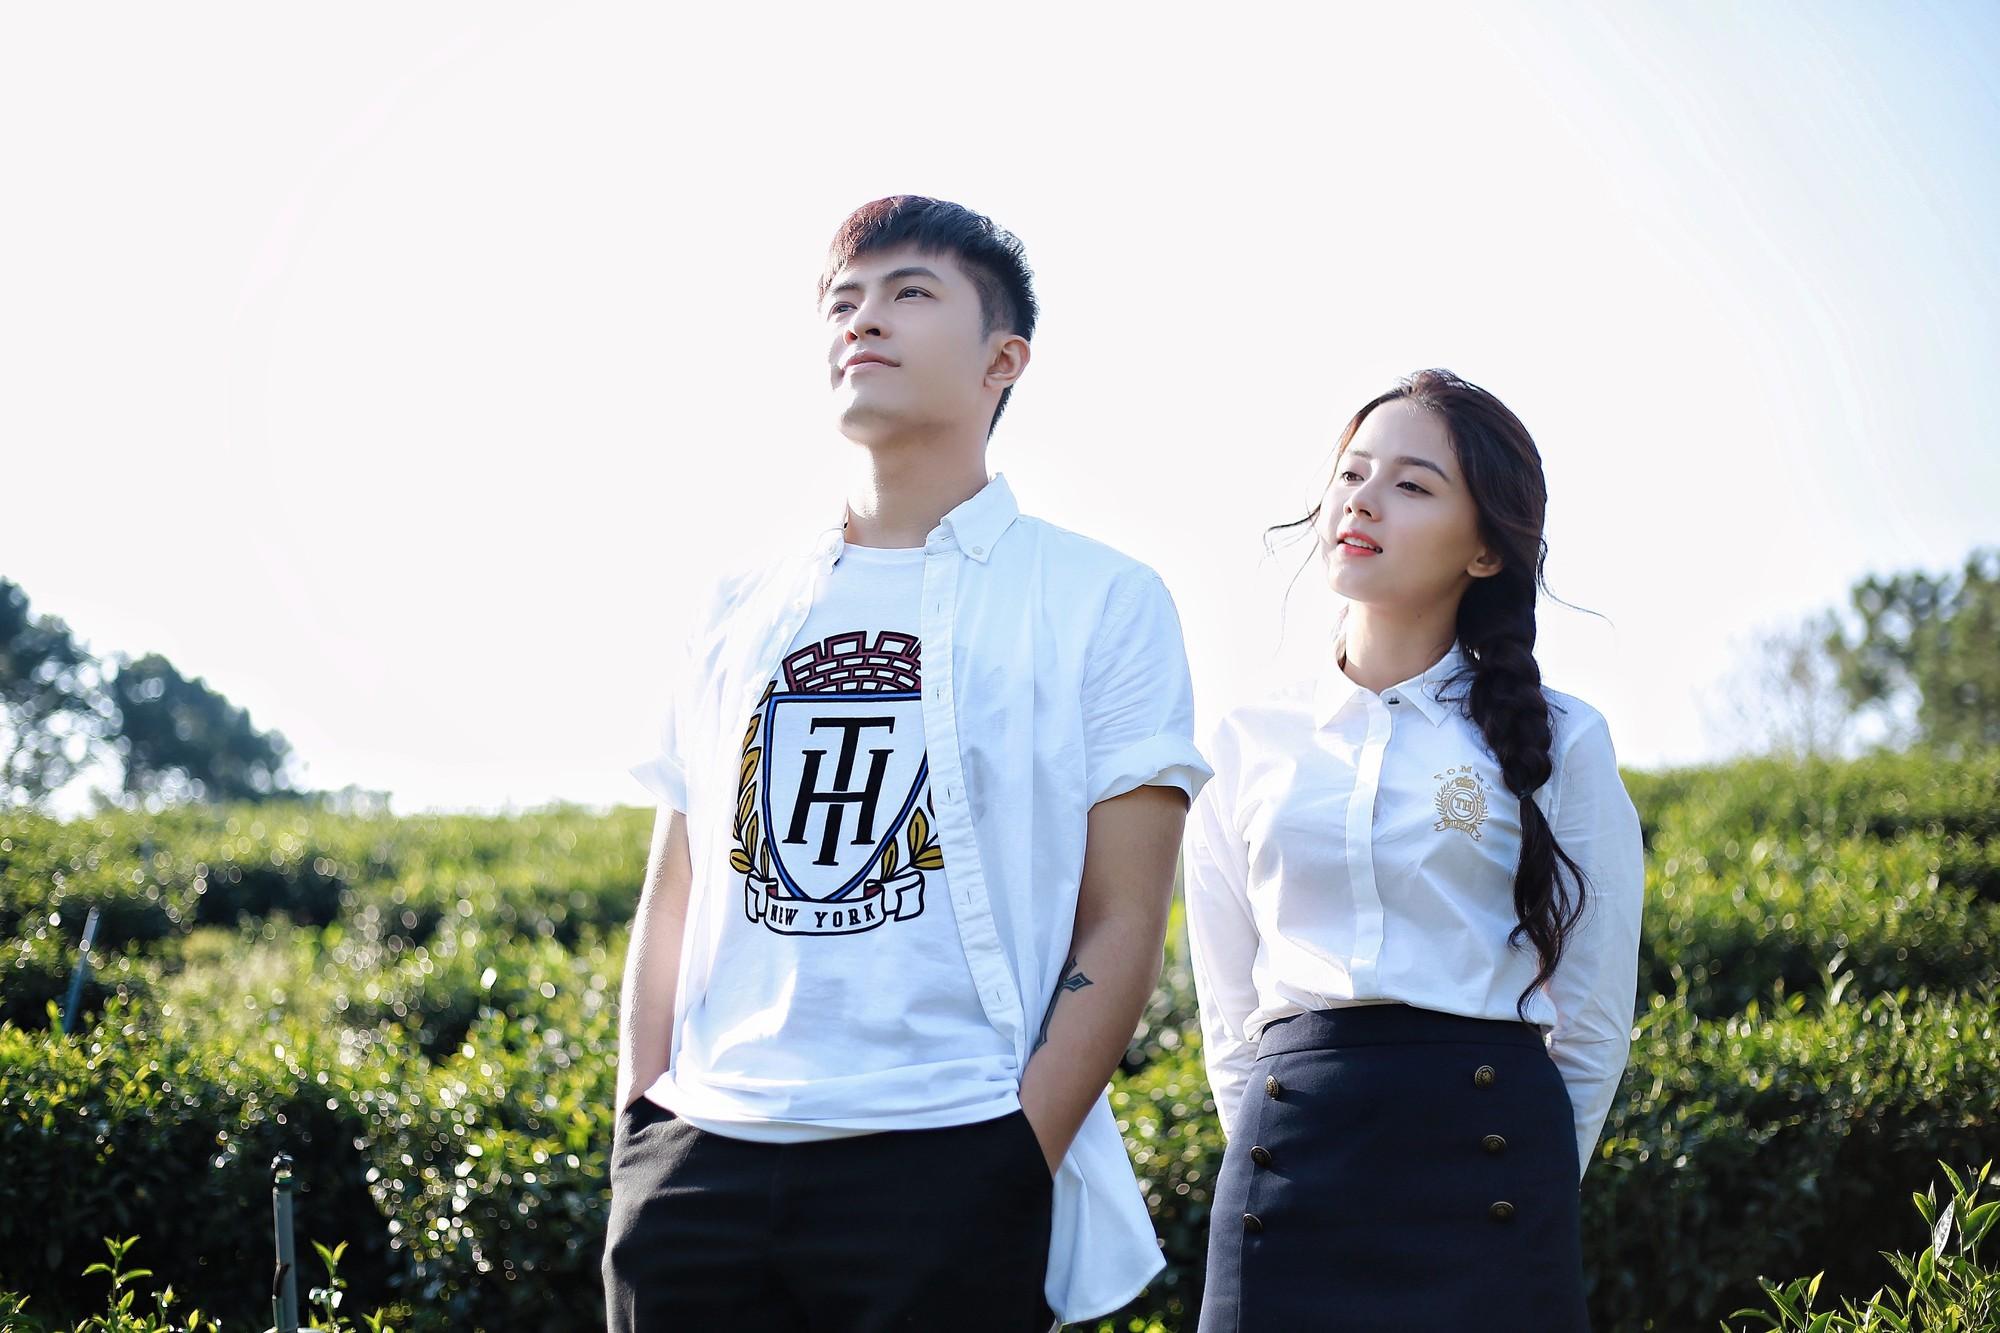 Gin Tuấn Kiệt hợp tác cùng hotgirl ảnh thẻ Lan Hương tung MV đầy nước mắt về tuổi thanh xuân - Ảnh 2.